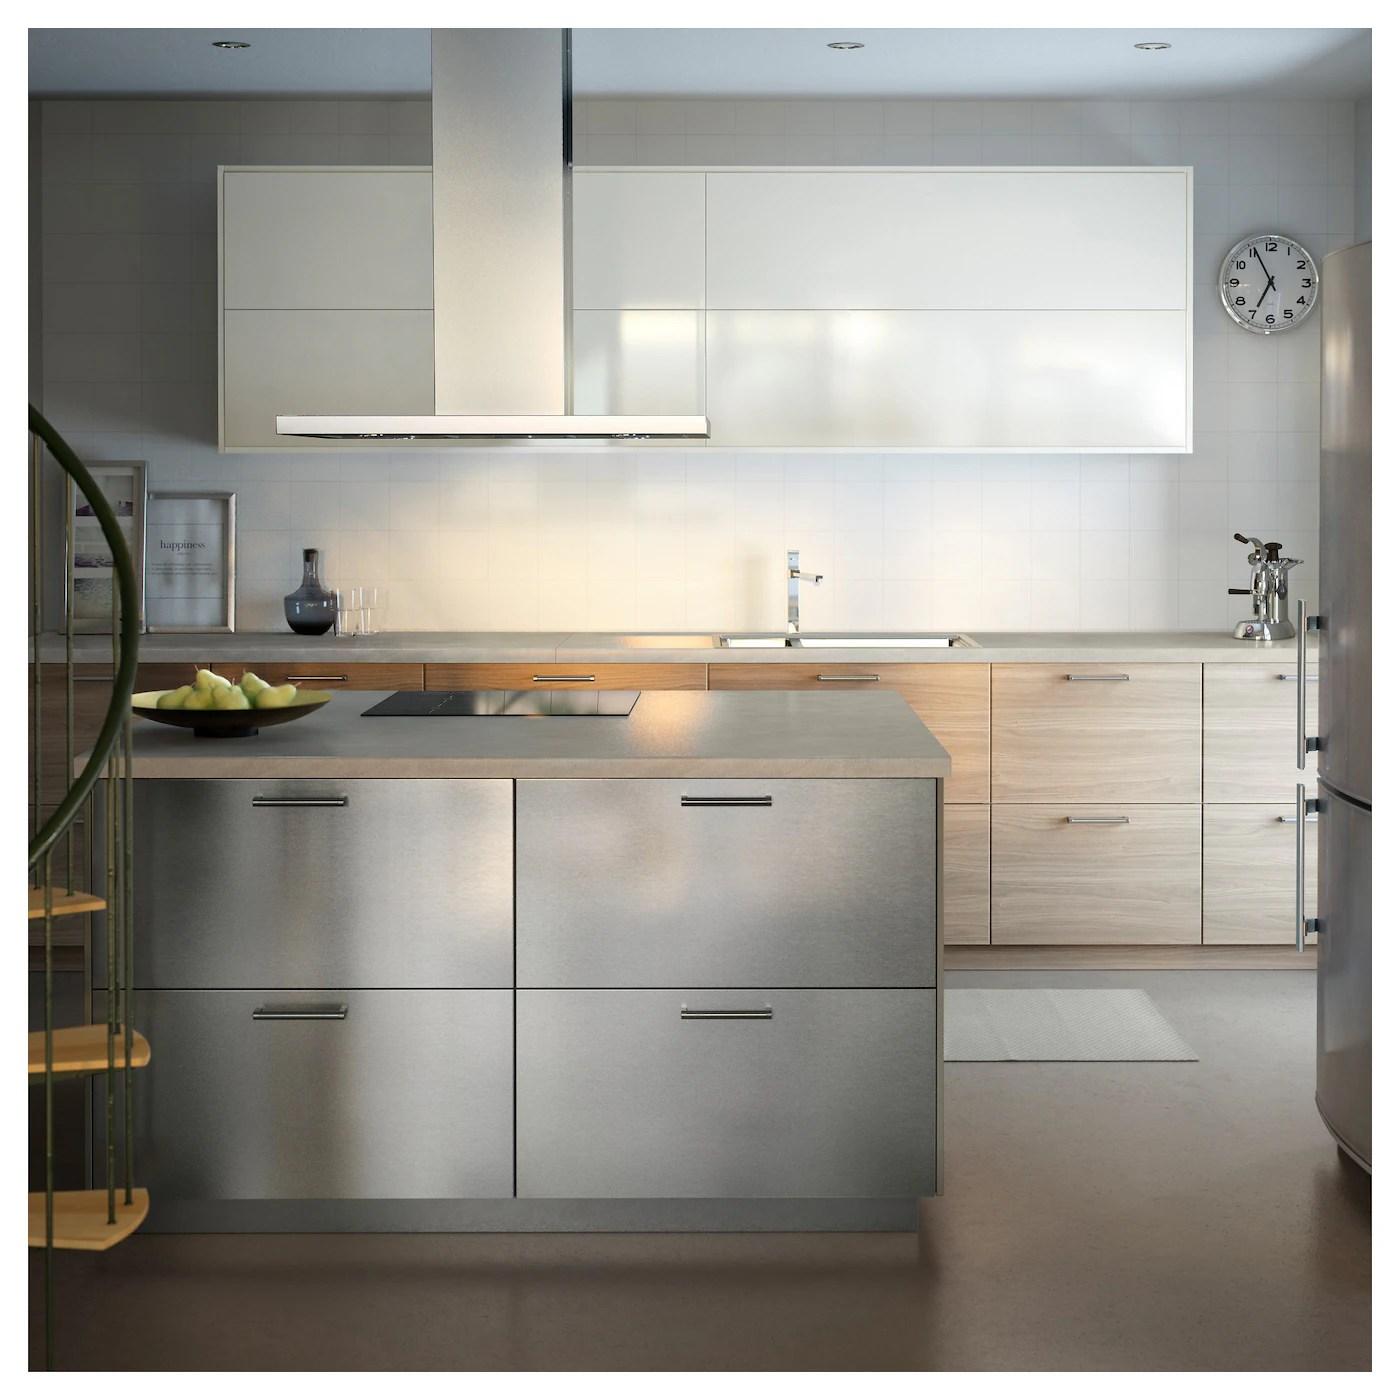 Ikea Kuche Edelstahl Front Modern Kuche Mit Veddinge Fronten In